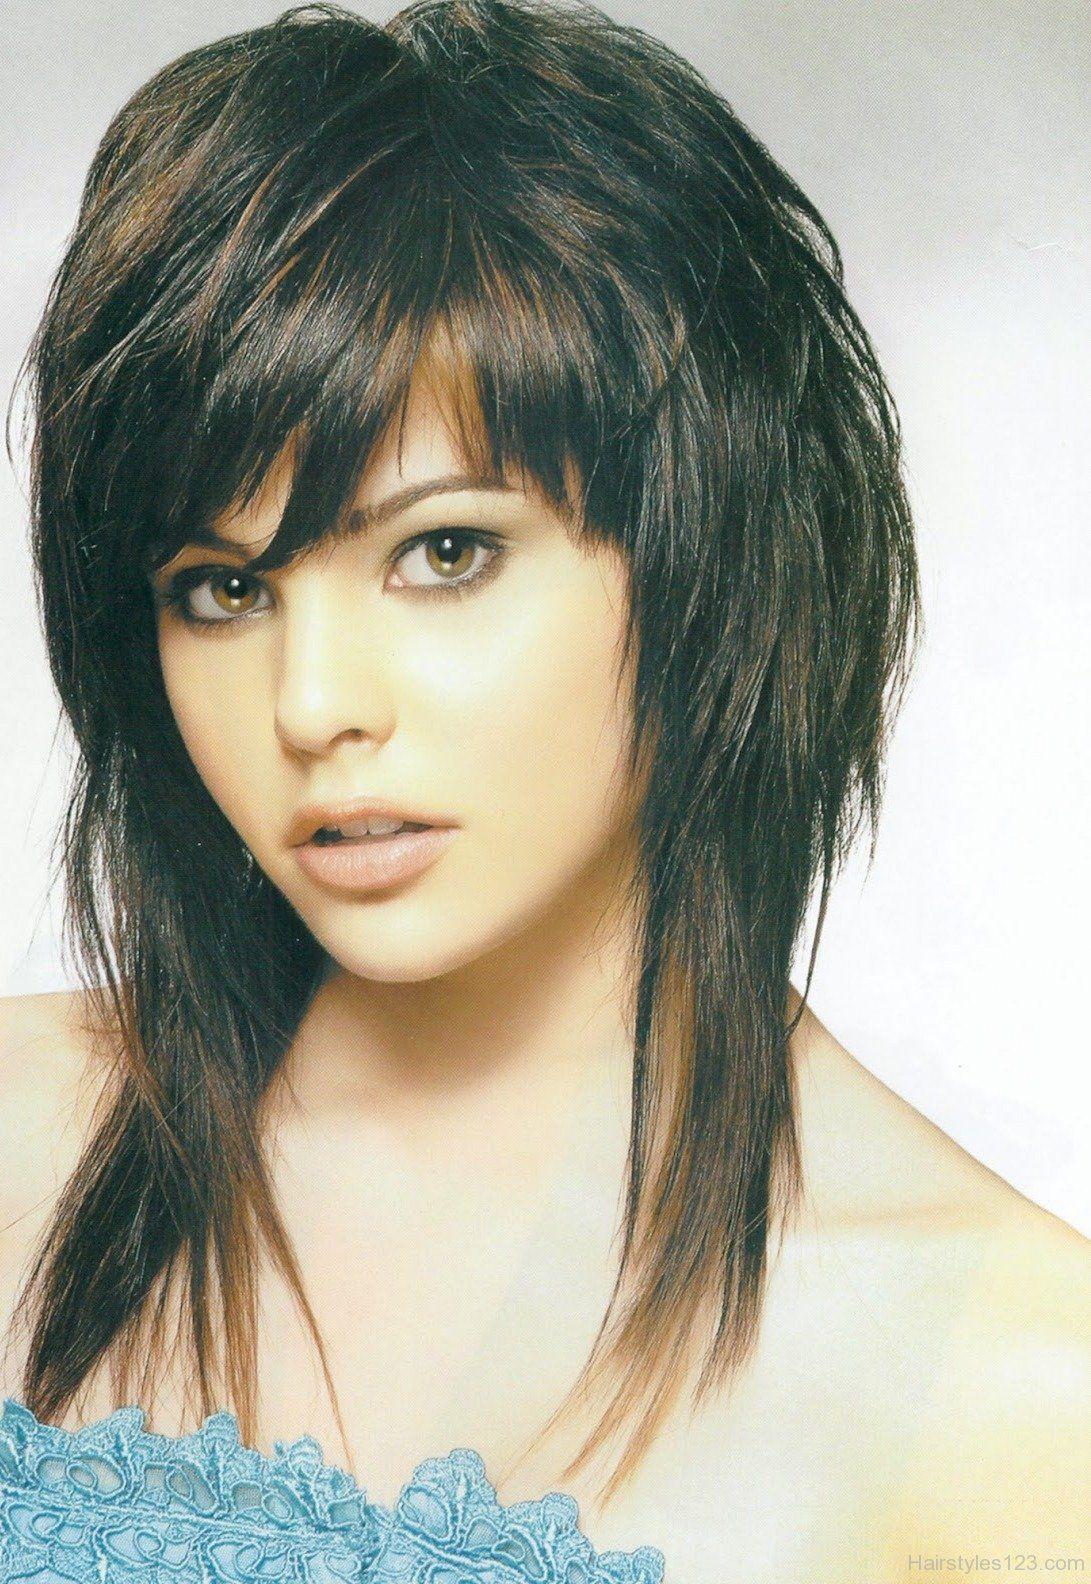 cute emo hairstyles | vintage hairstyles - page 5 | make me